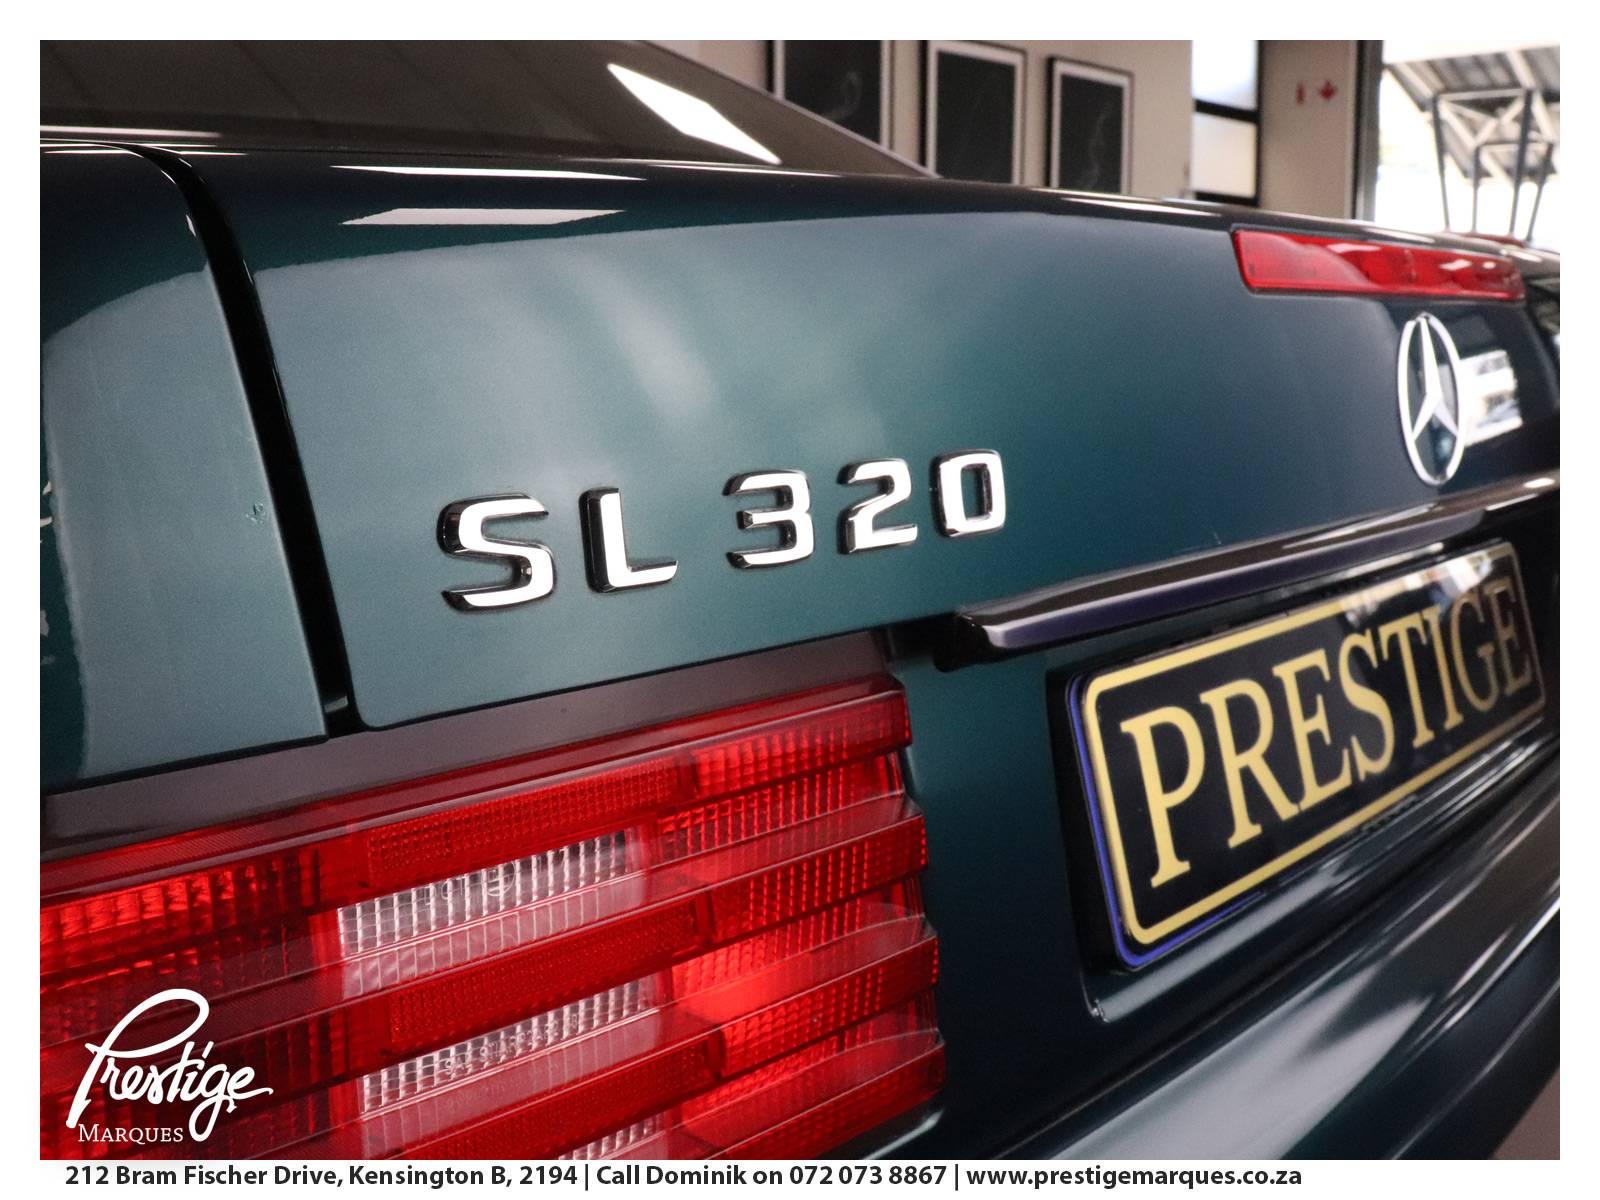 1998-Mercedes-Benz-SL-320-Prestige-Marques-Randburg-Sandton-11